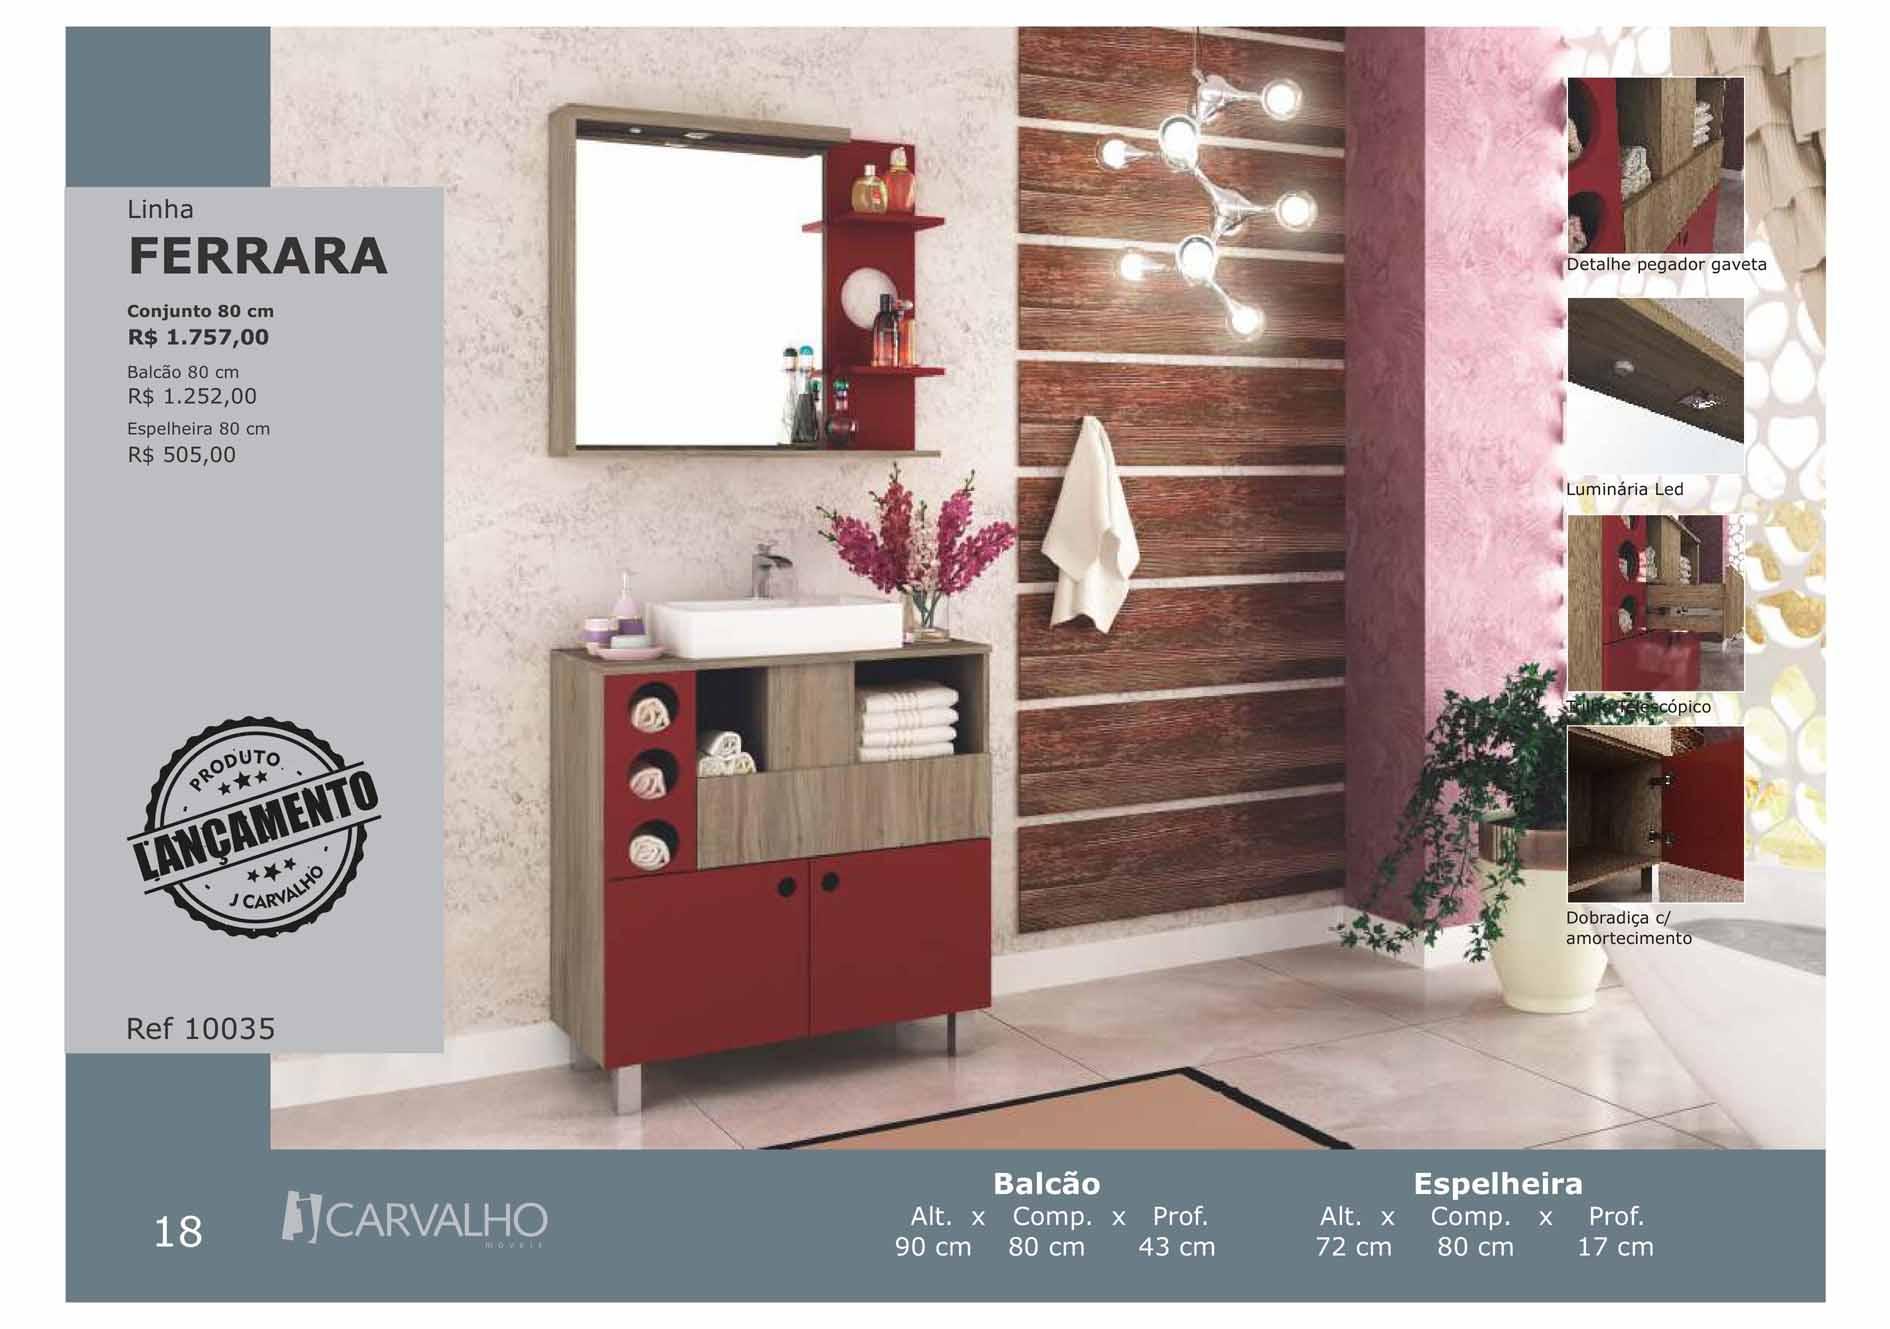 Ferrara – Ref 10035